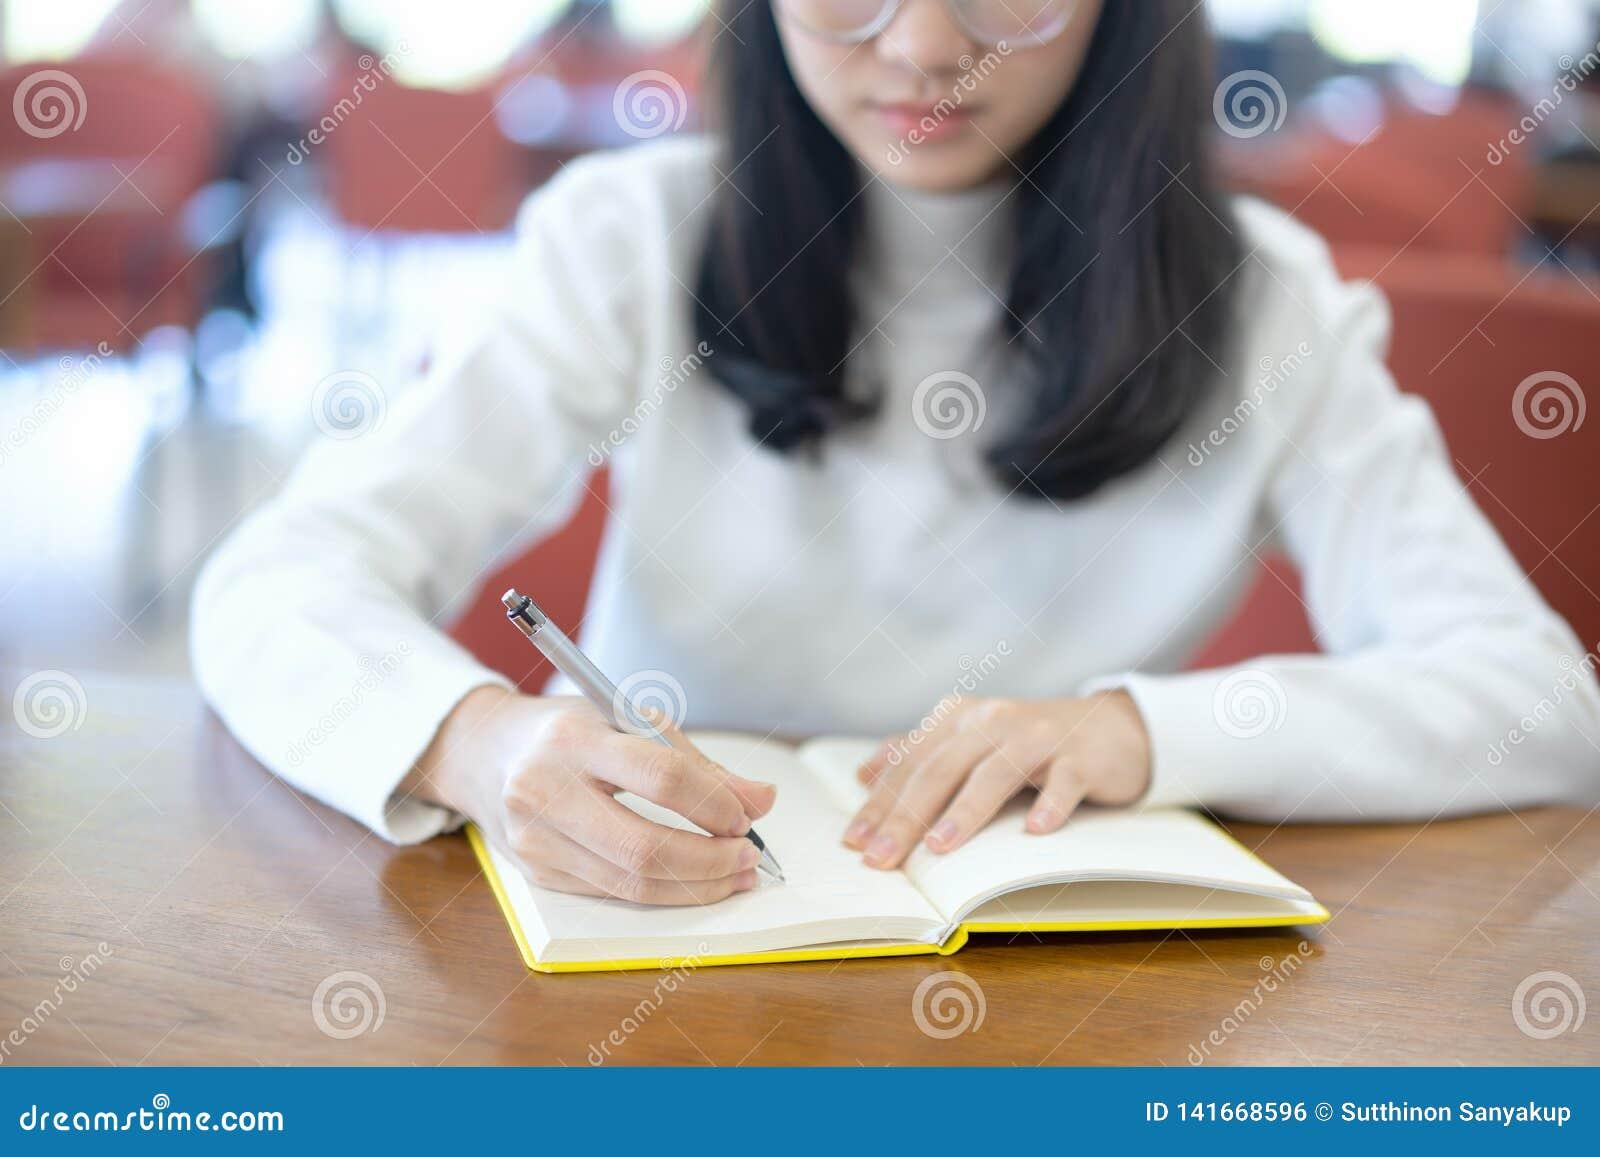 Назад к концепции университета коллежа знания школьного образования, молодая бизнес-леди сидя на таблице и принимая примечания в